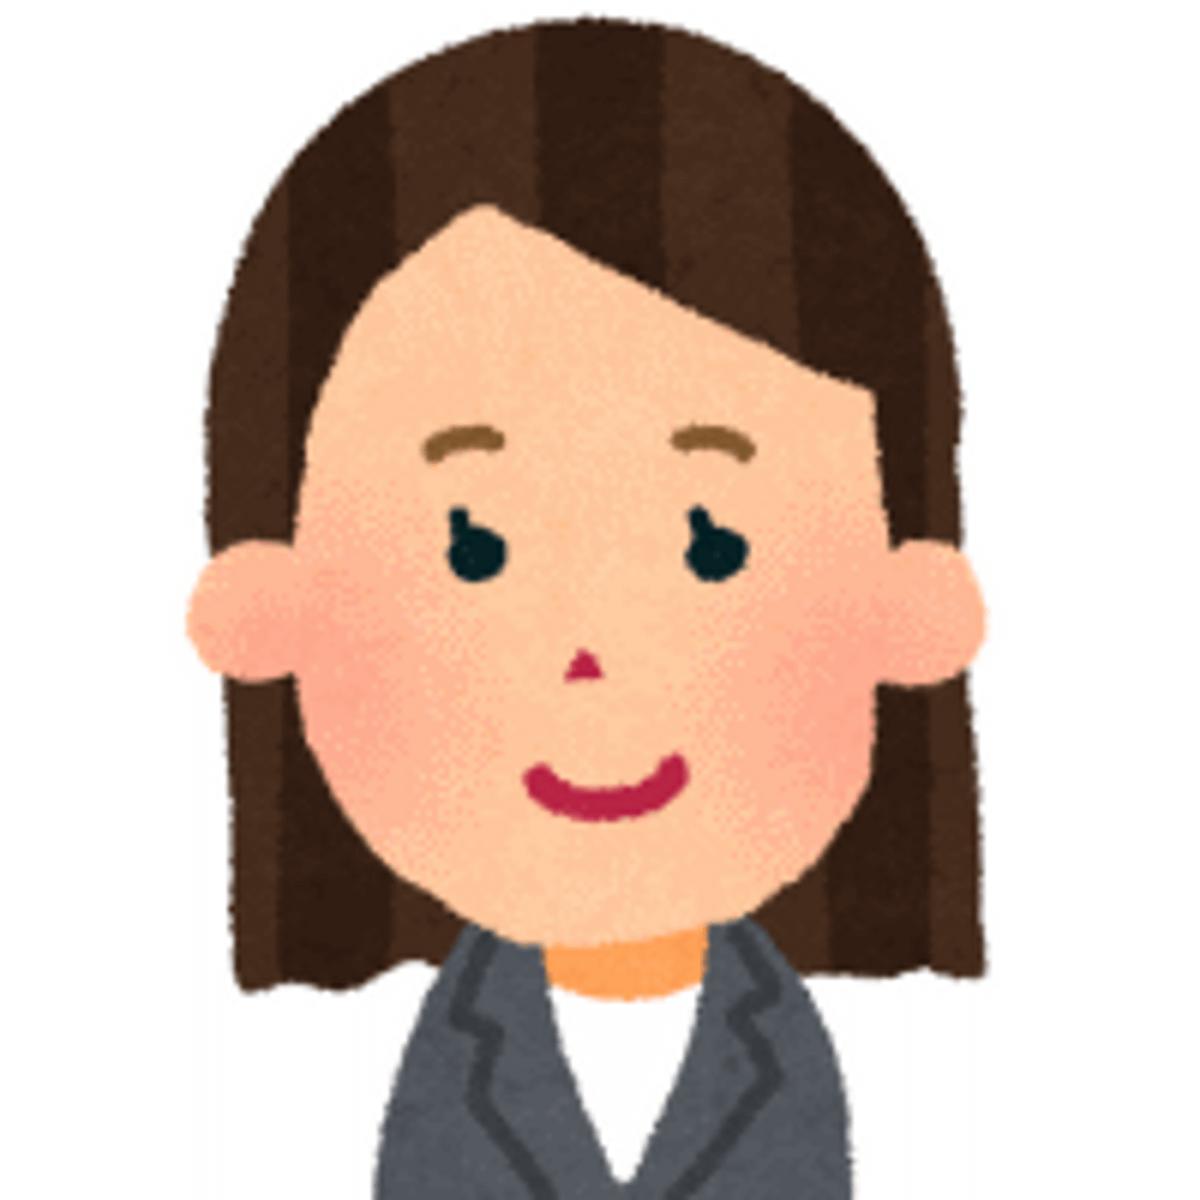 Nさん:東京都30代女性のイラスト